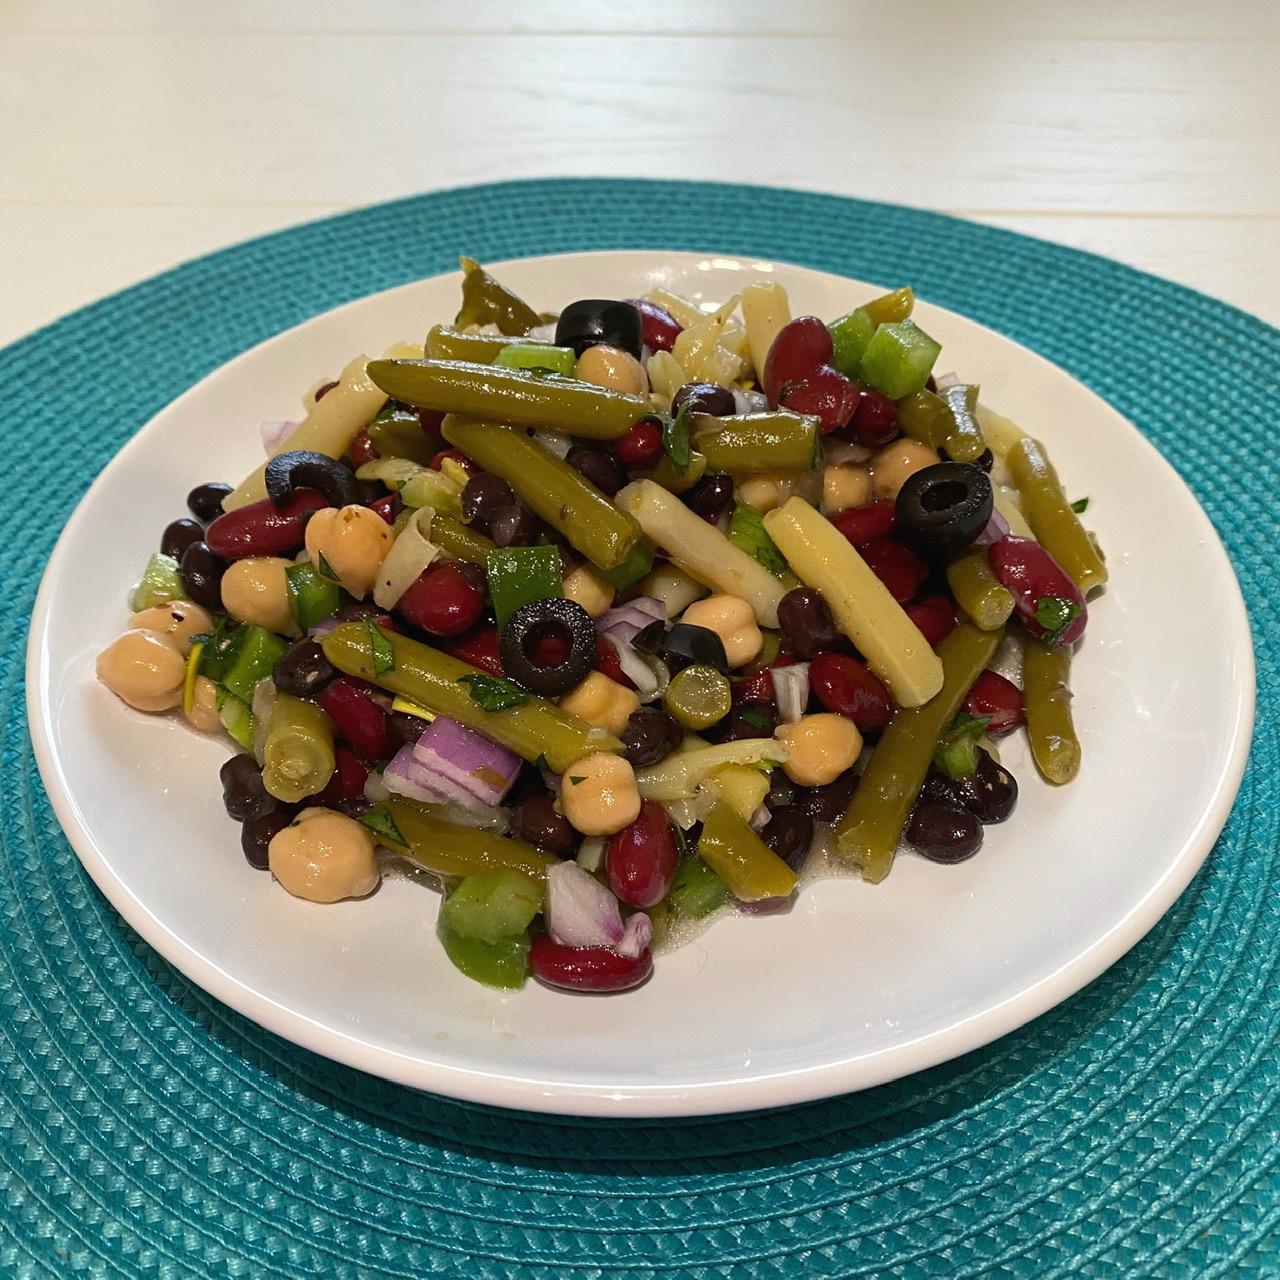 Mediterranean-Inspired 5-Bean Salad